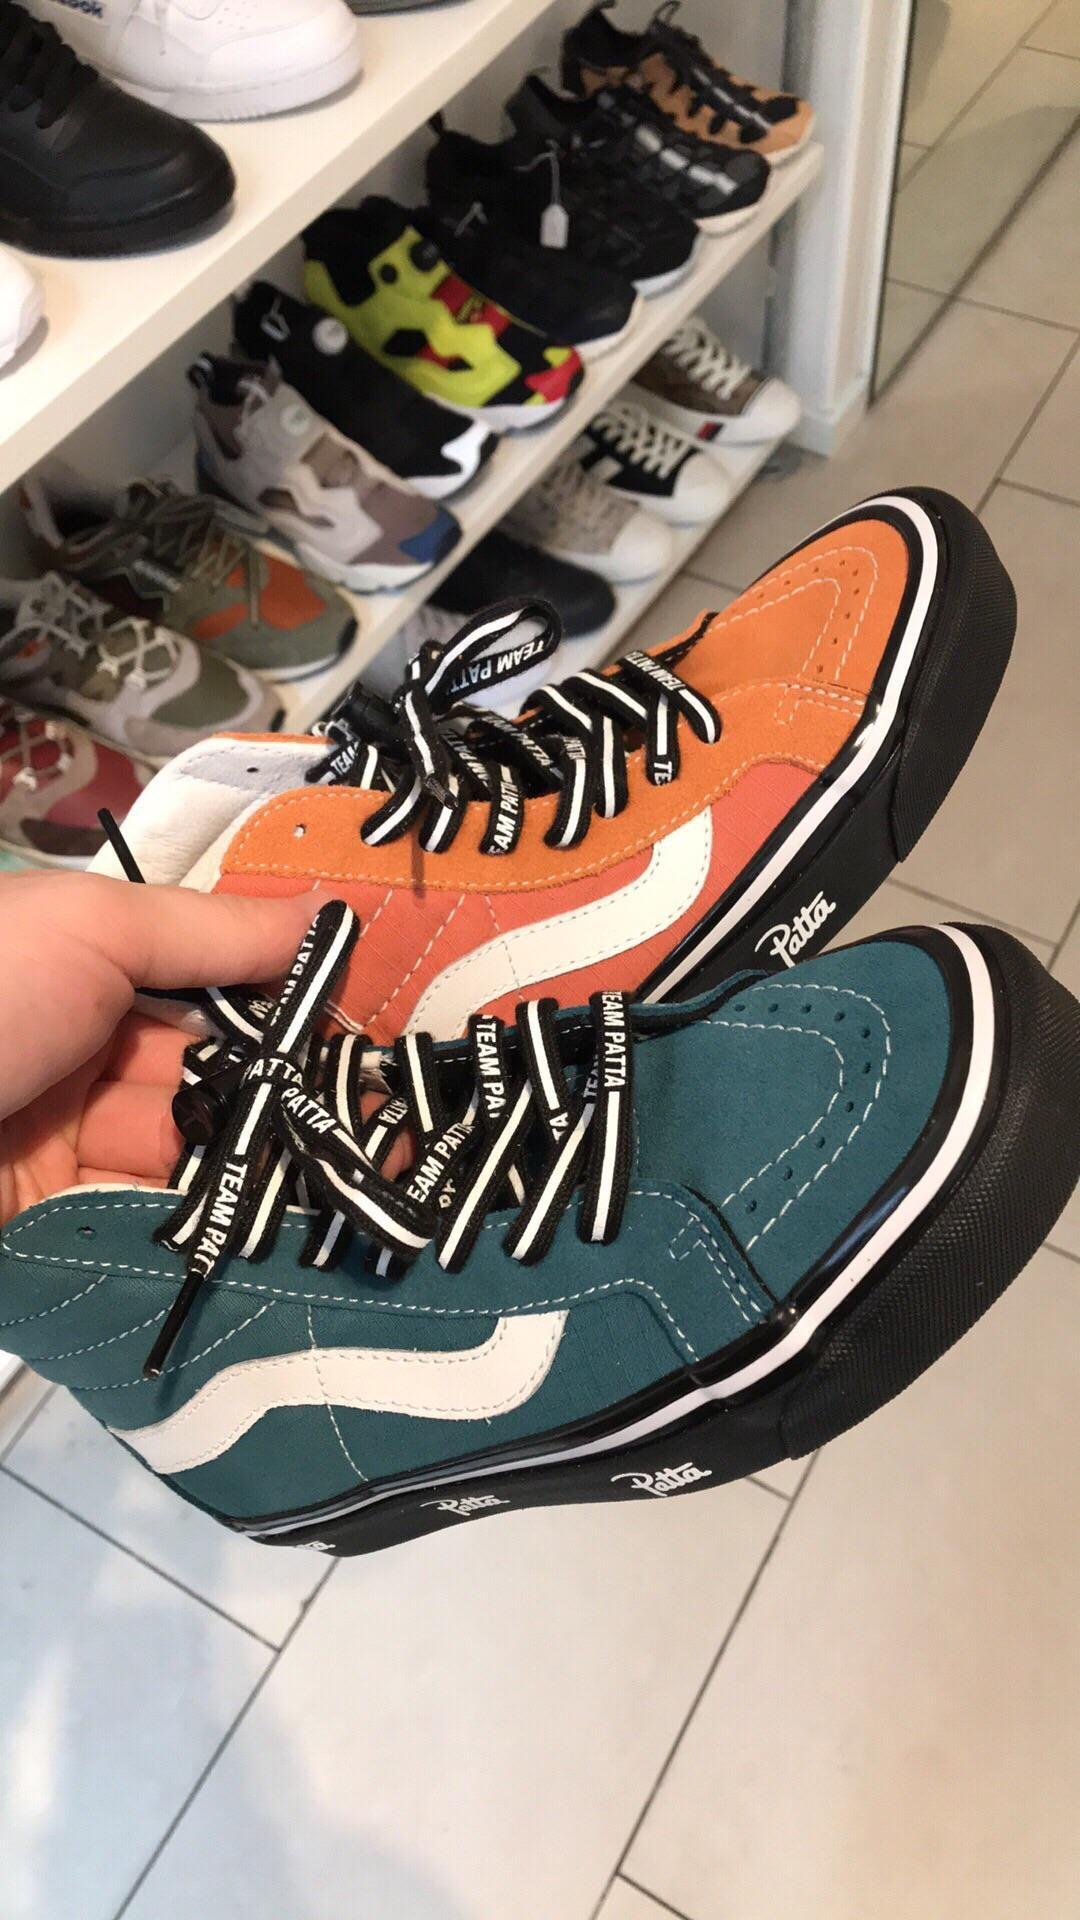 Pin van Lisa Meijer op sneakers in 2019 Shoes, Vans shoes